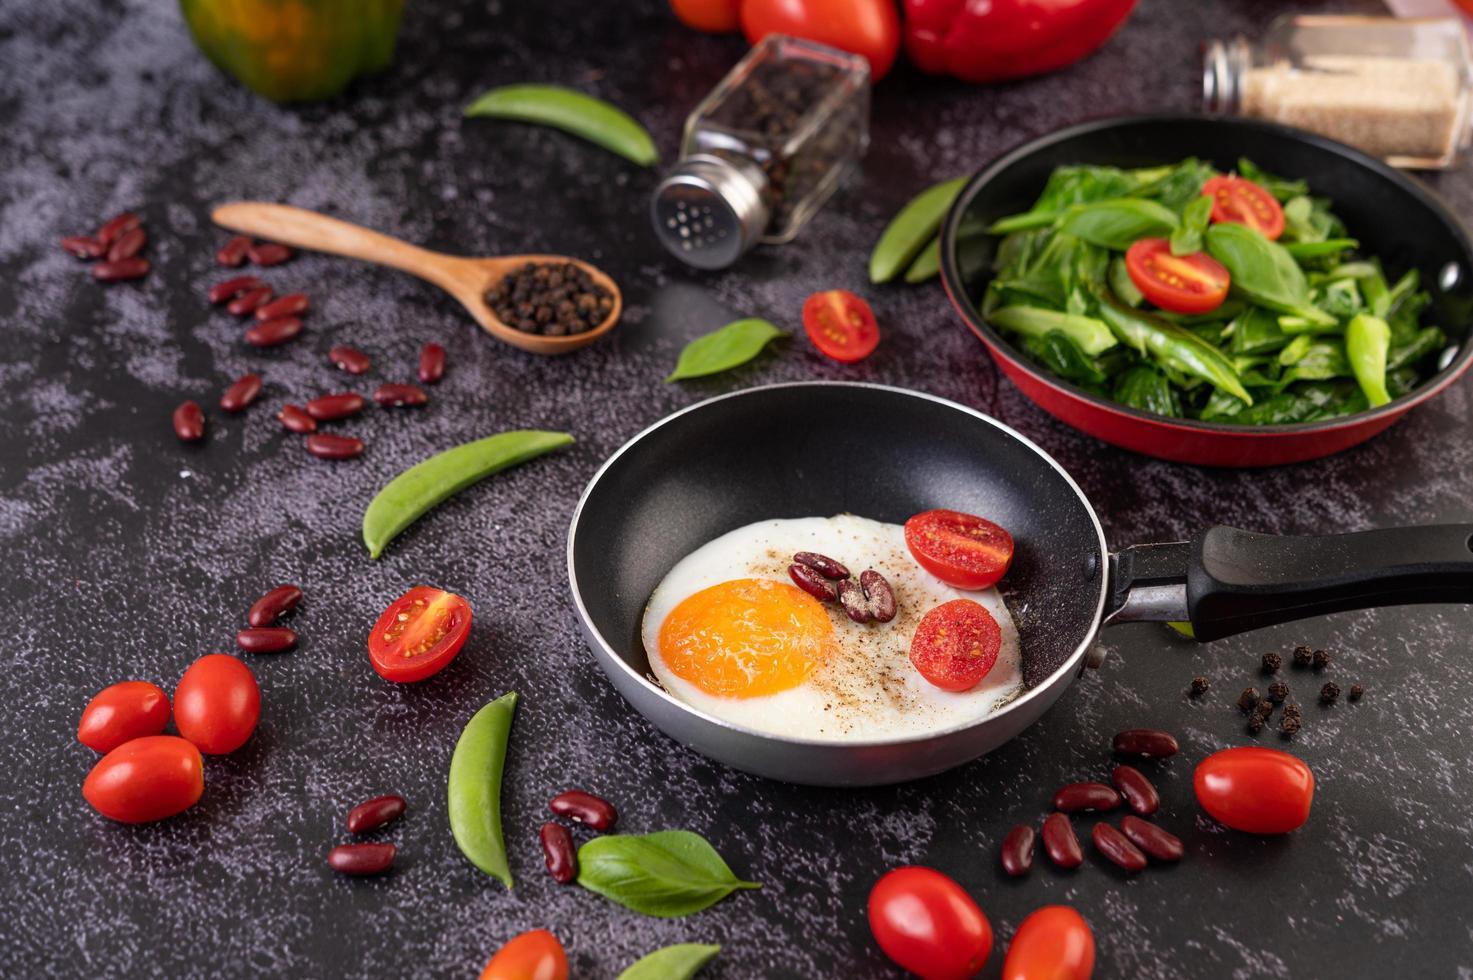 gebakken eieren in een koekenpan met tomaten foto